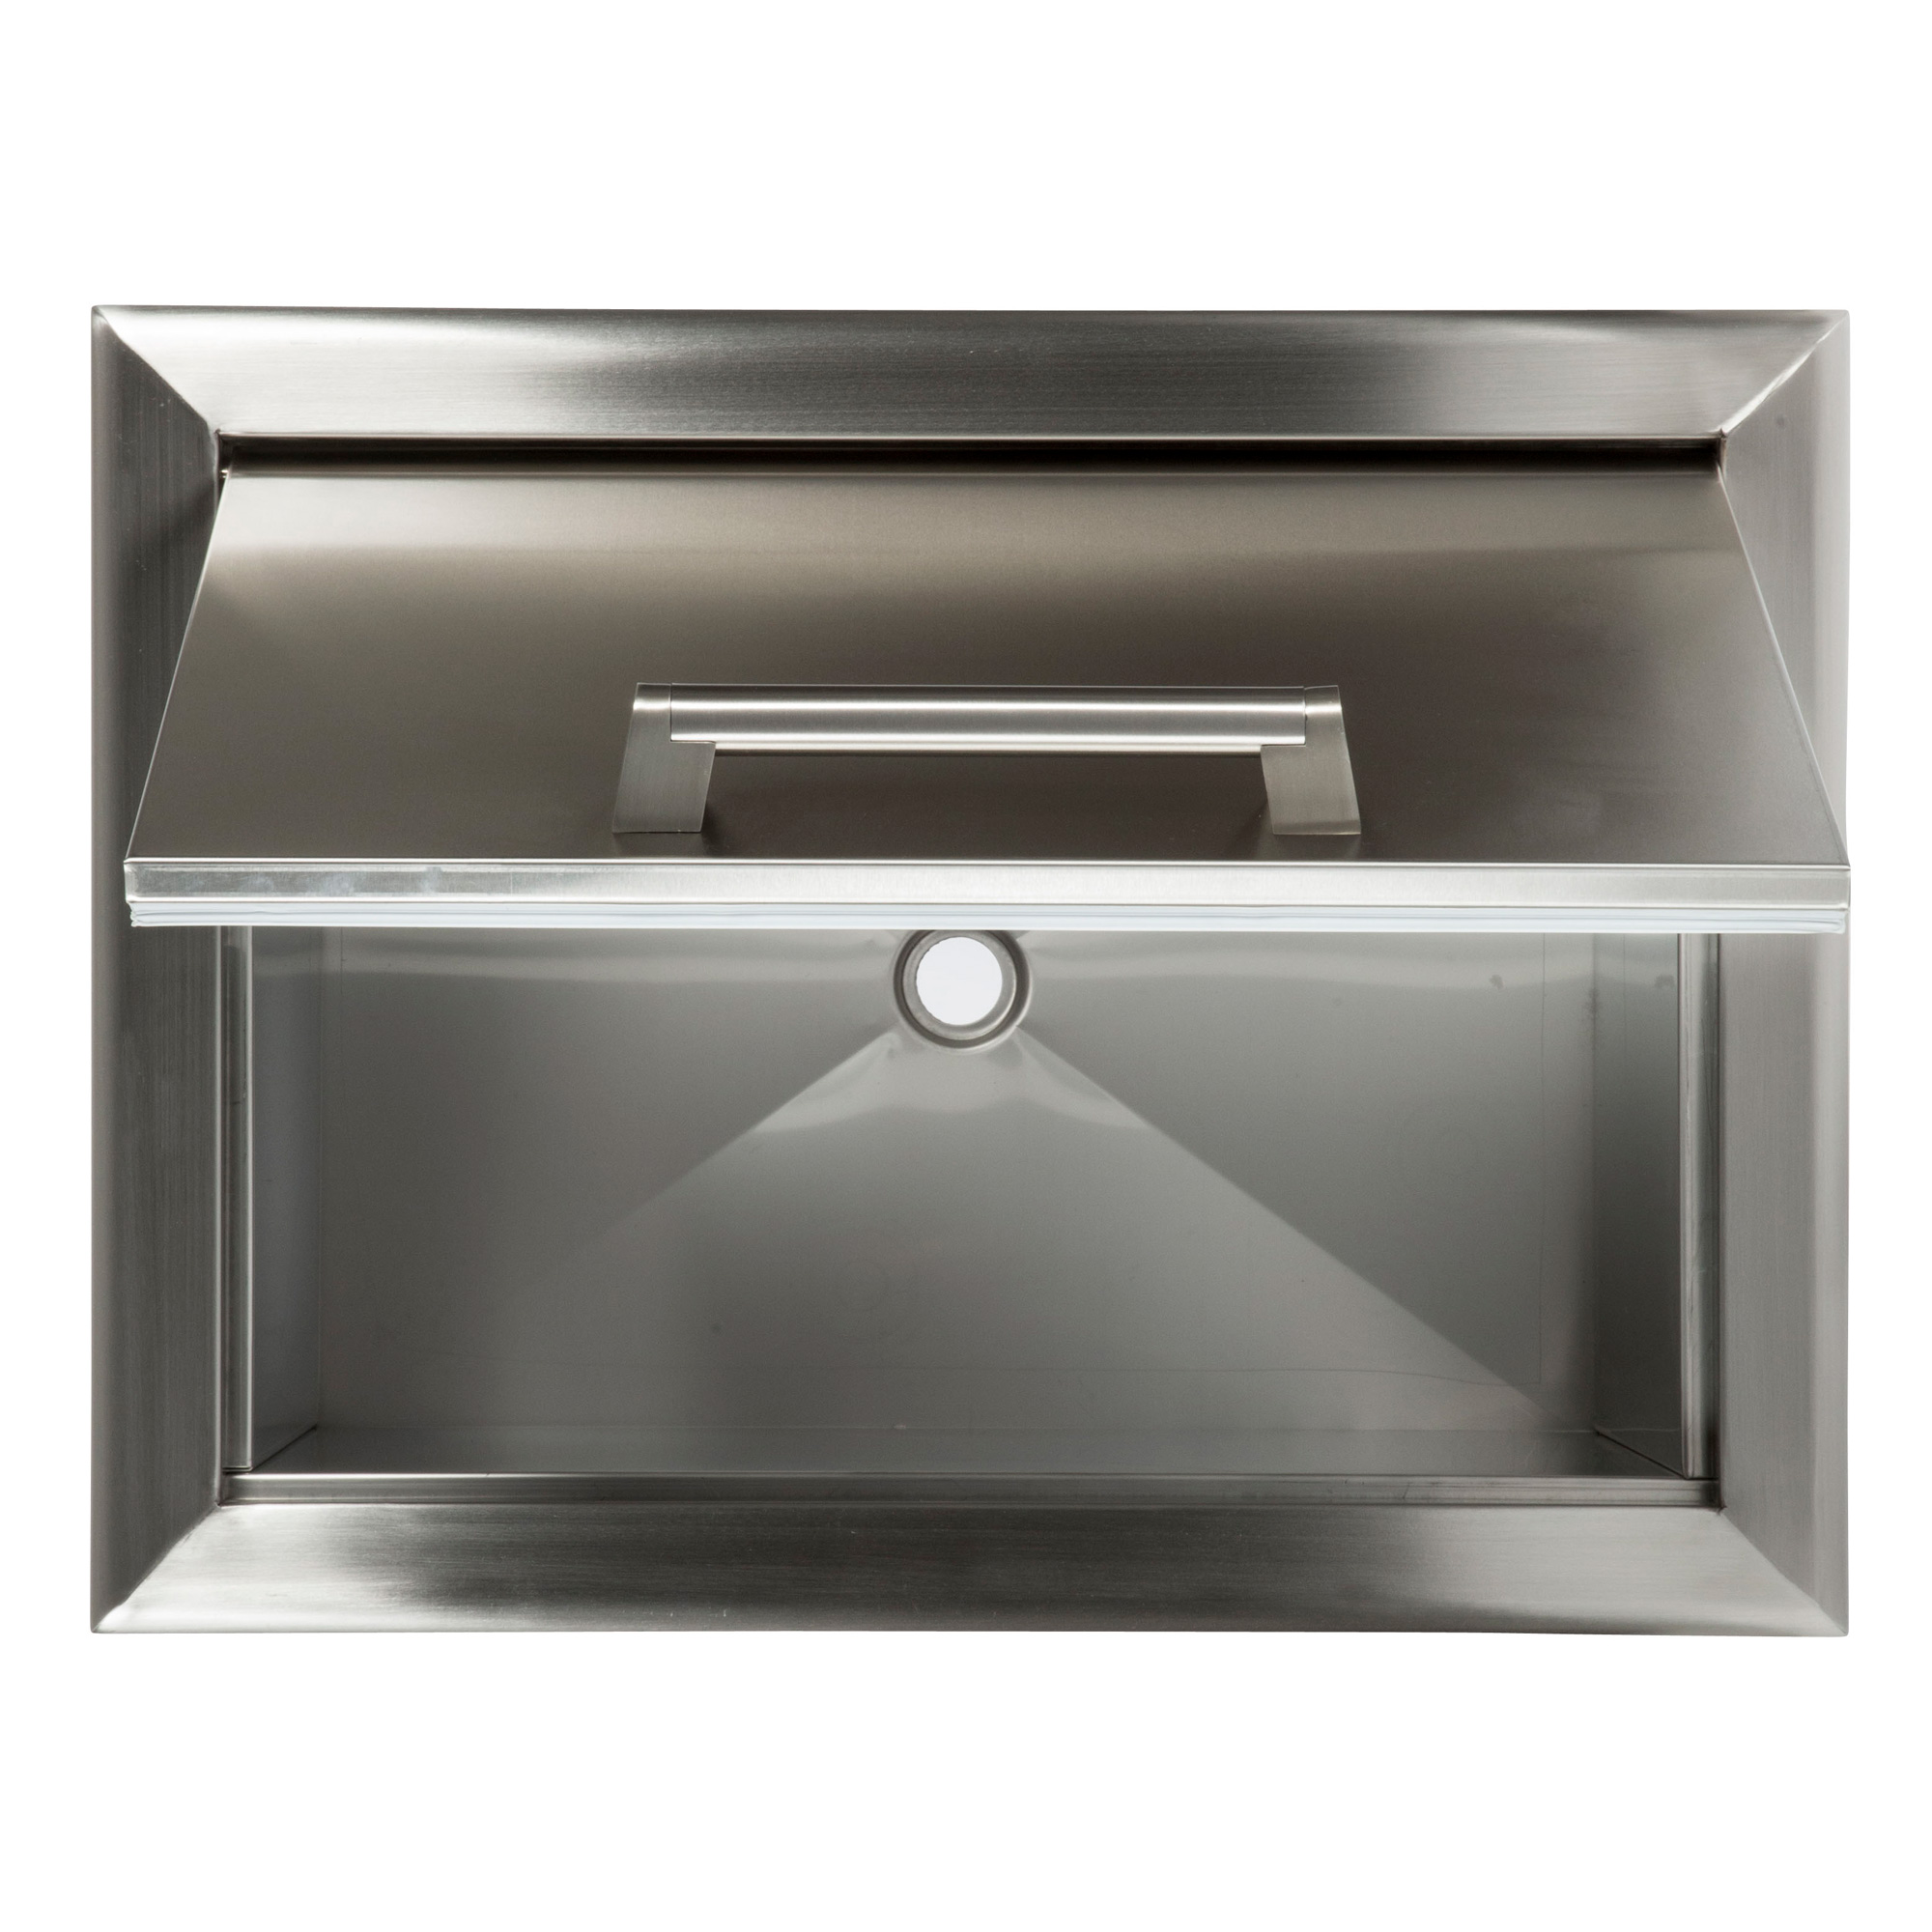 Coyote Cdic Outdoor Kitchen Drop In 2 1 Cu Ft Stainless Steel Insulated Cooler Walmart Com Walmart Com